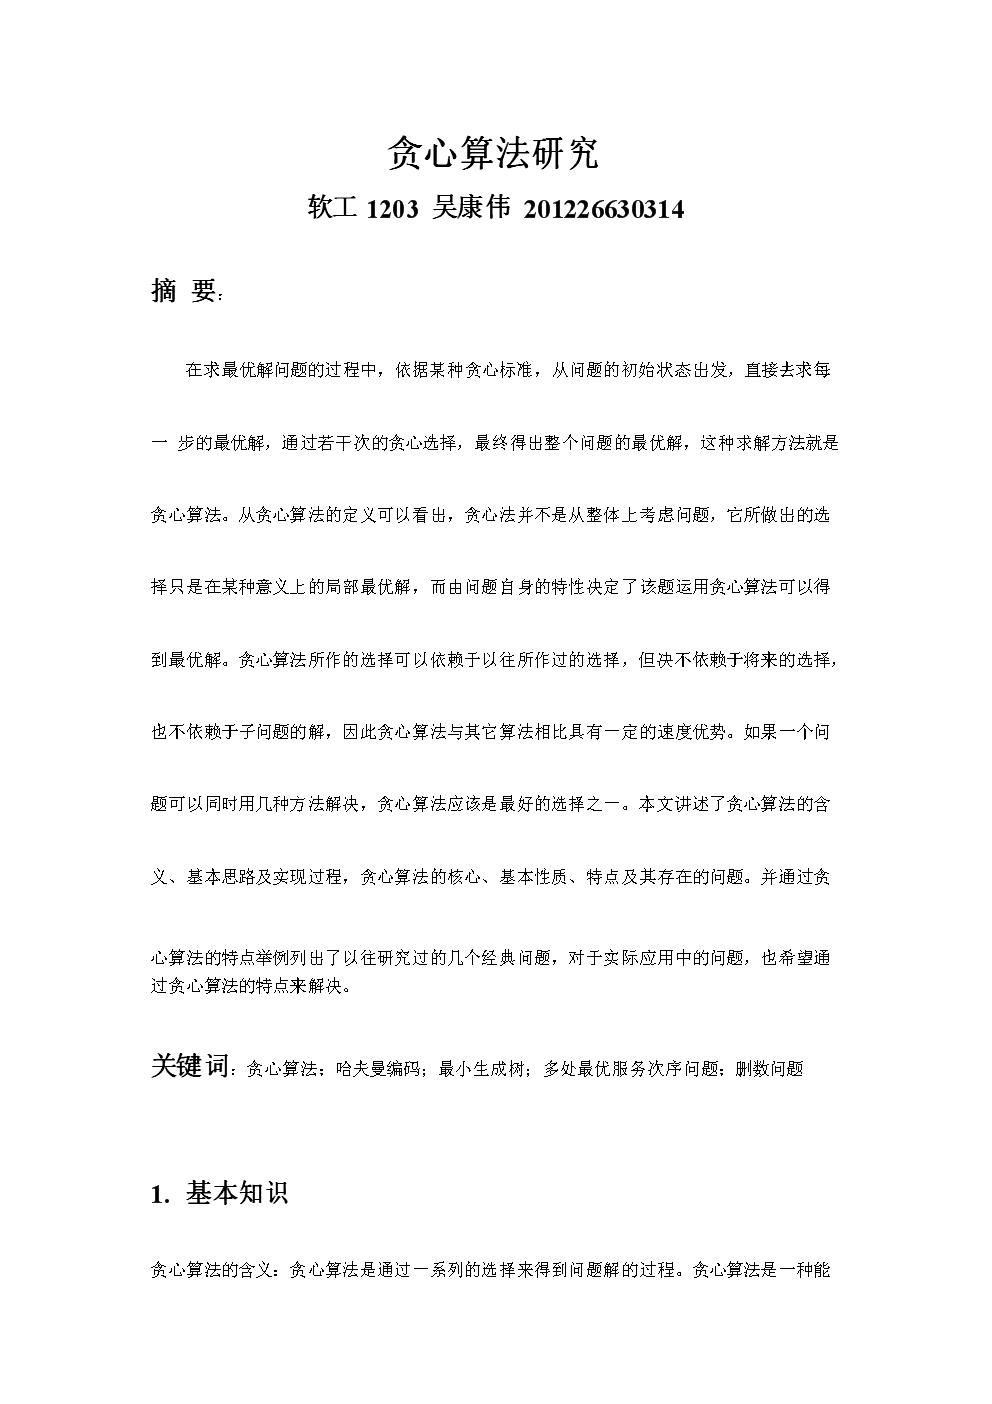 算法分析论文.docx